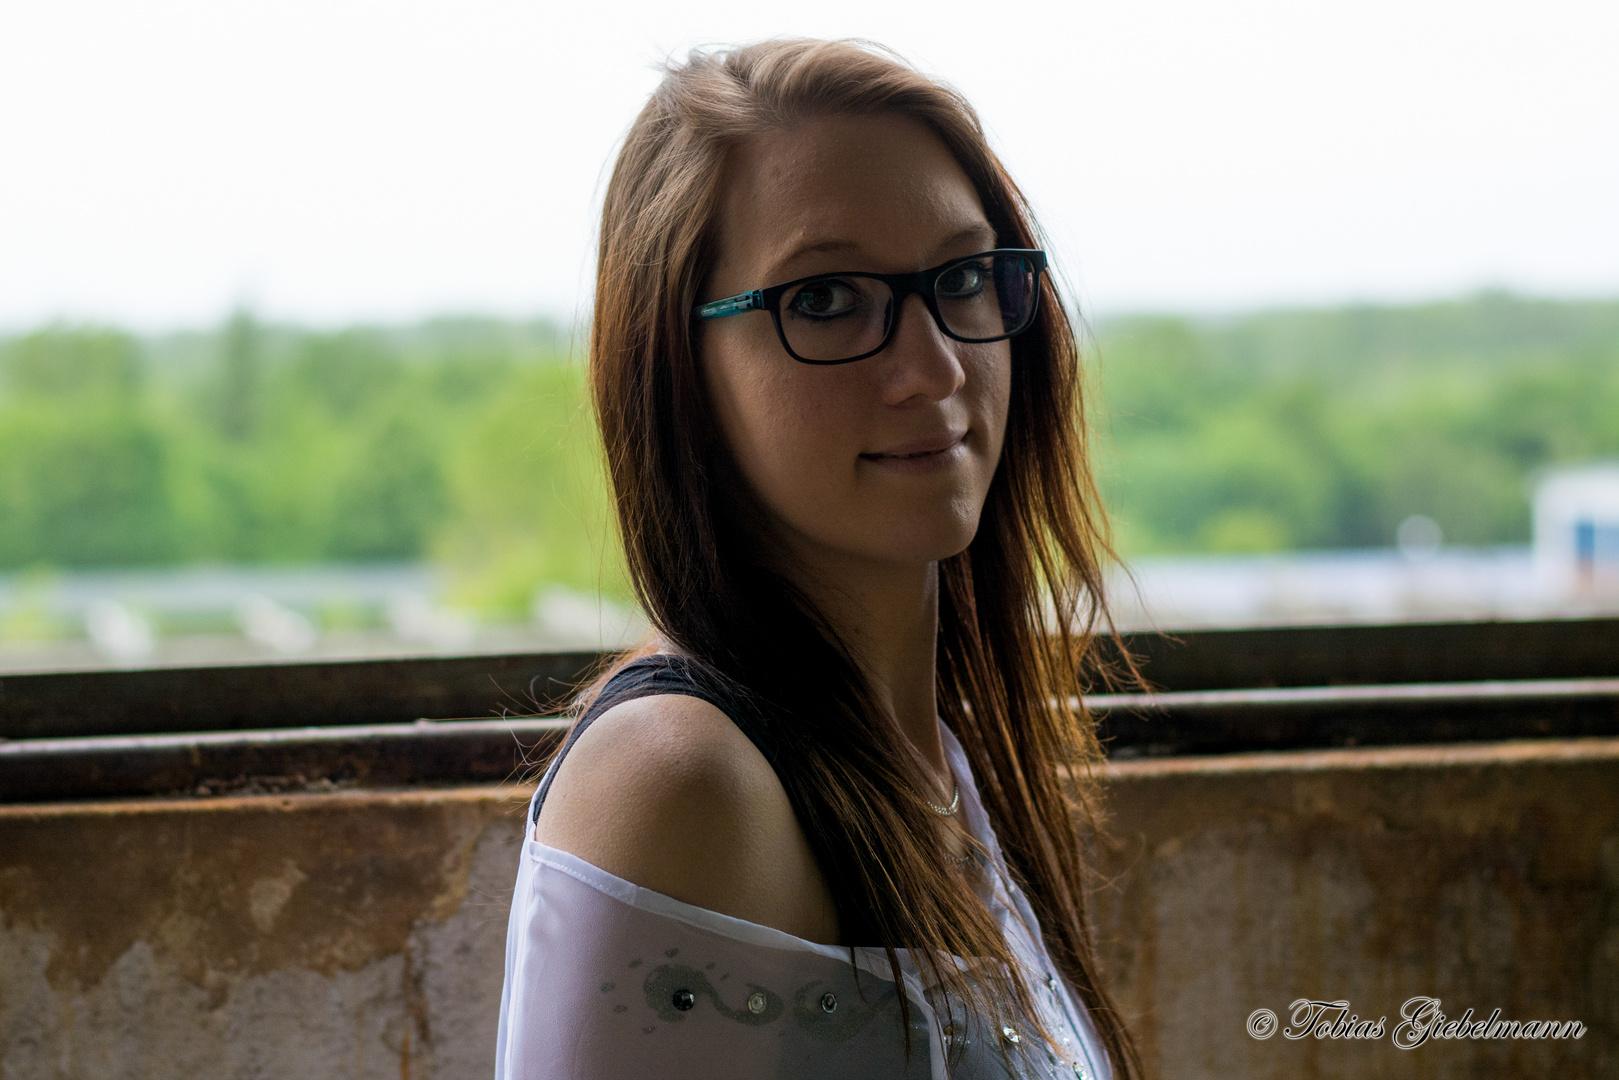 Sarah am Fenster